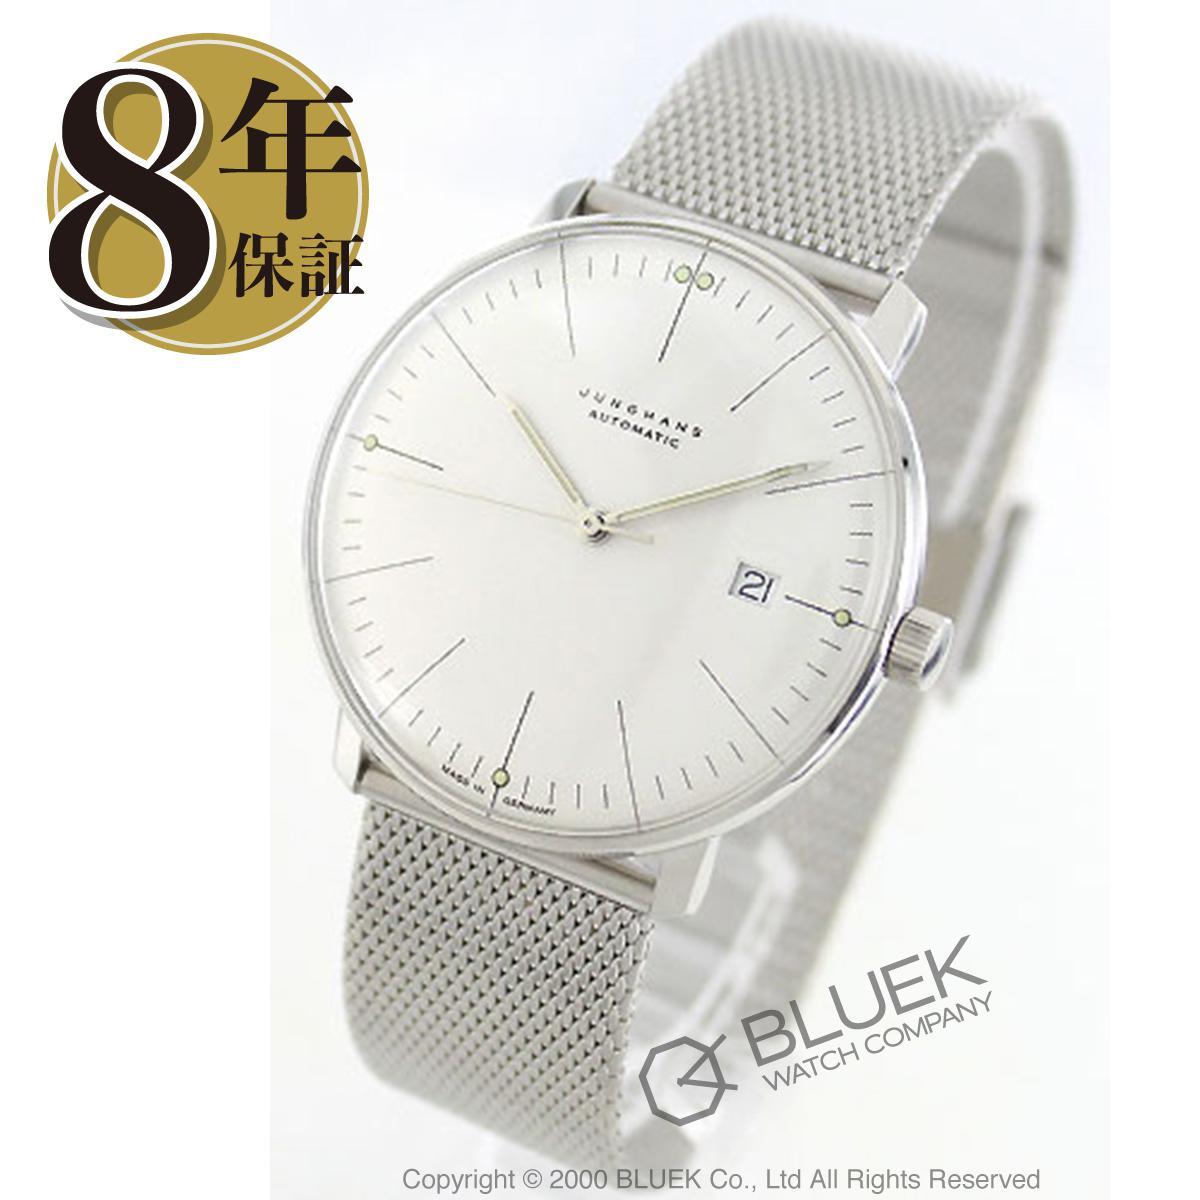 ユンハンス マックスビル 腕時計 メンズ JUNGHANS 027/4002.44M_8 バーゲン 成人祝い ギフト プレゼント